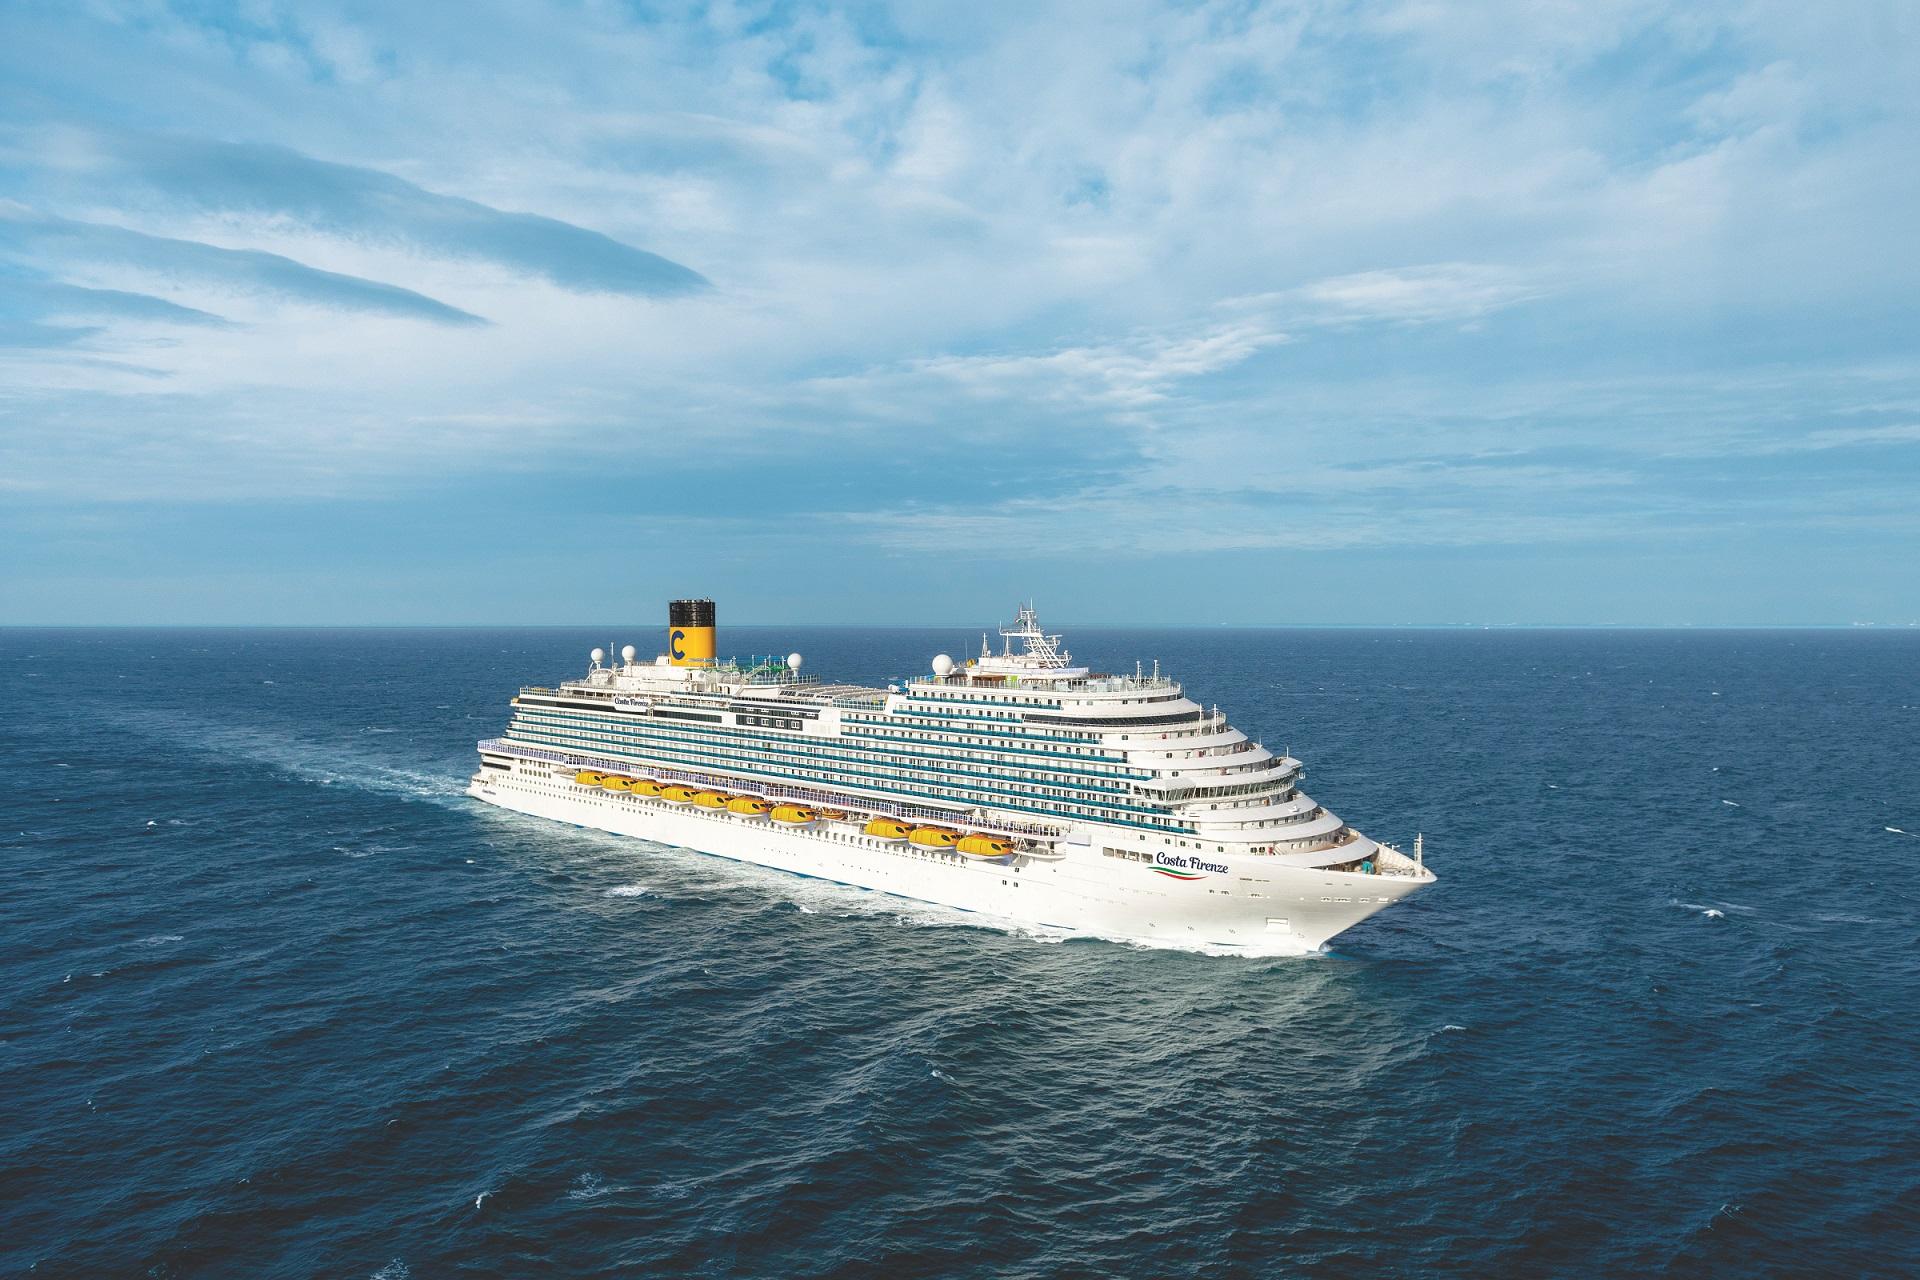 Nach dem Neustart mit der Costa Deliziosa und Costa Diadema wird Costa nach und nach weitere Schiffe wieder in den Betrieb nehmen und damit ein neues Winterprogramm bieten.